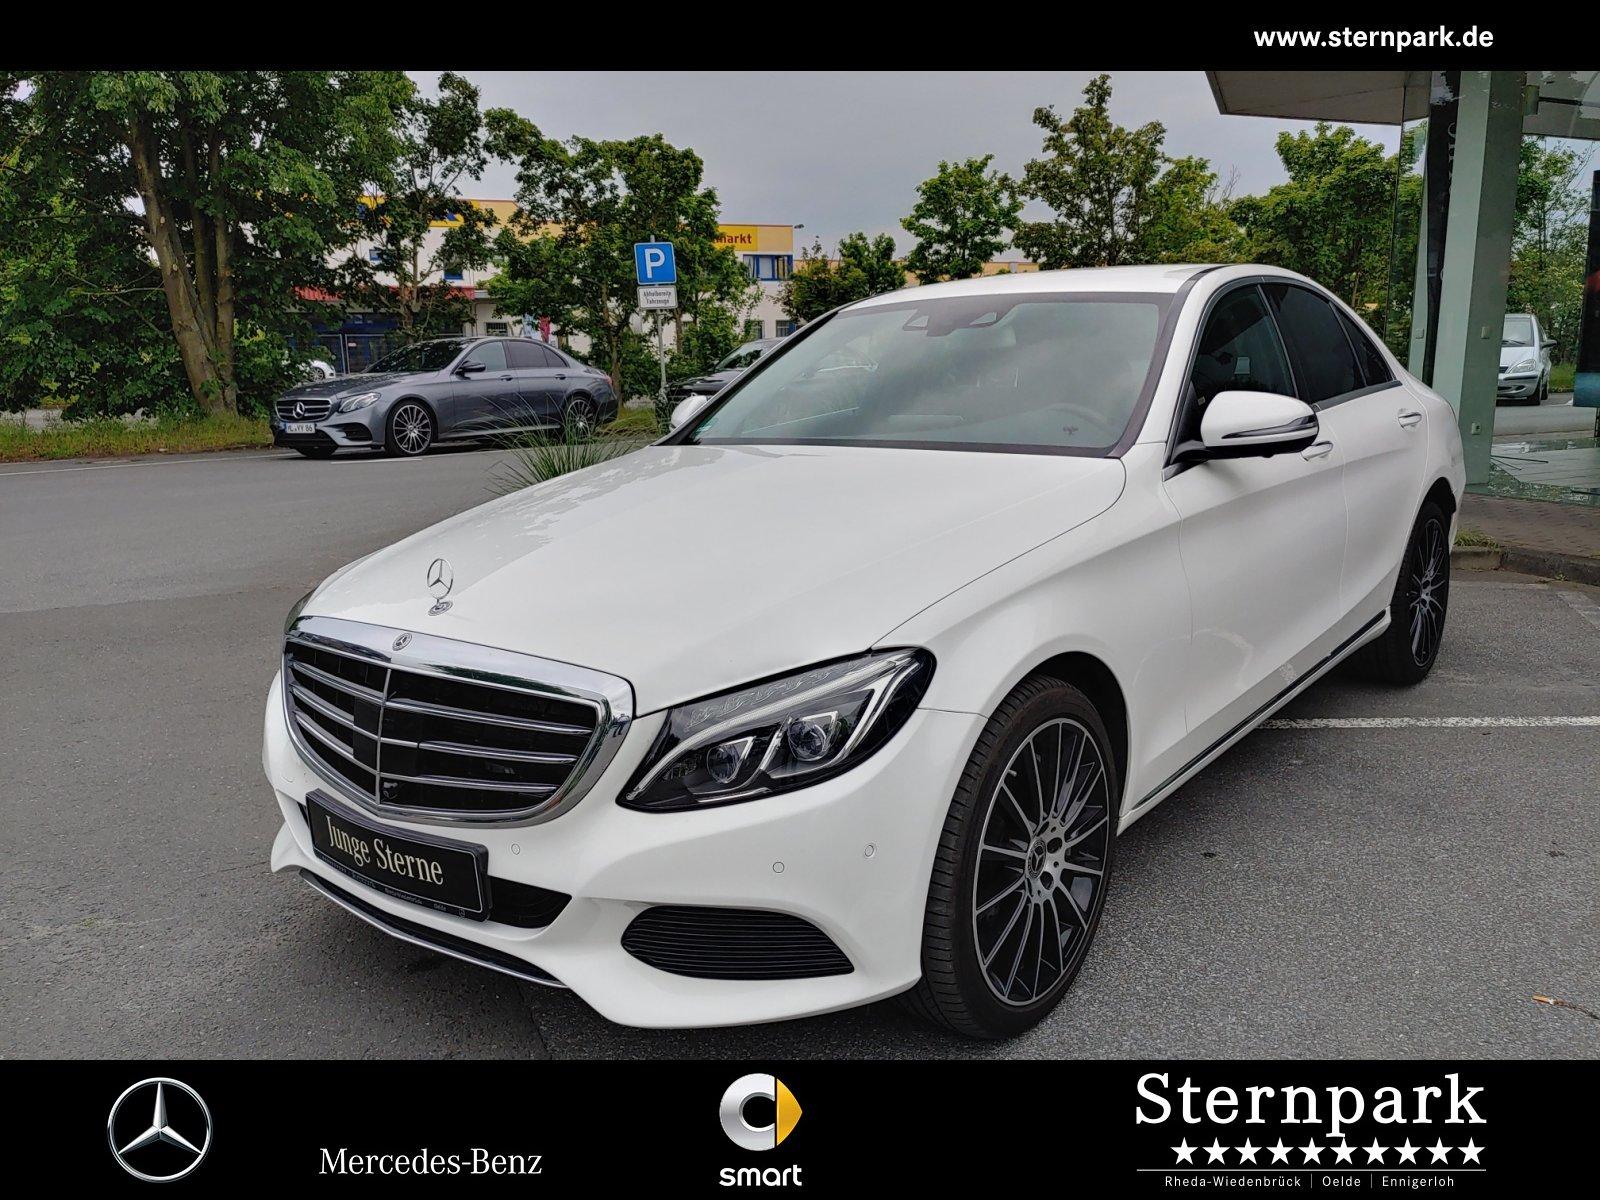 Mercedes-Benz C 400 4MATIC +DISTR.+/COMAND+360°+ILS+ Autom., Jahr 2017, Benzin